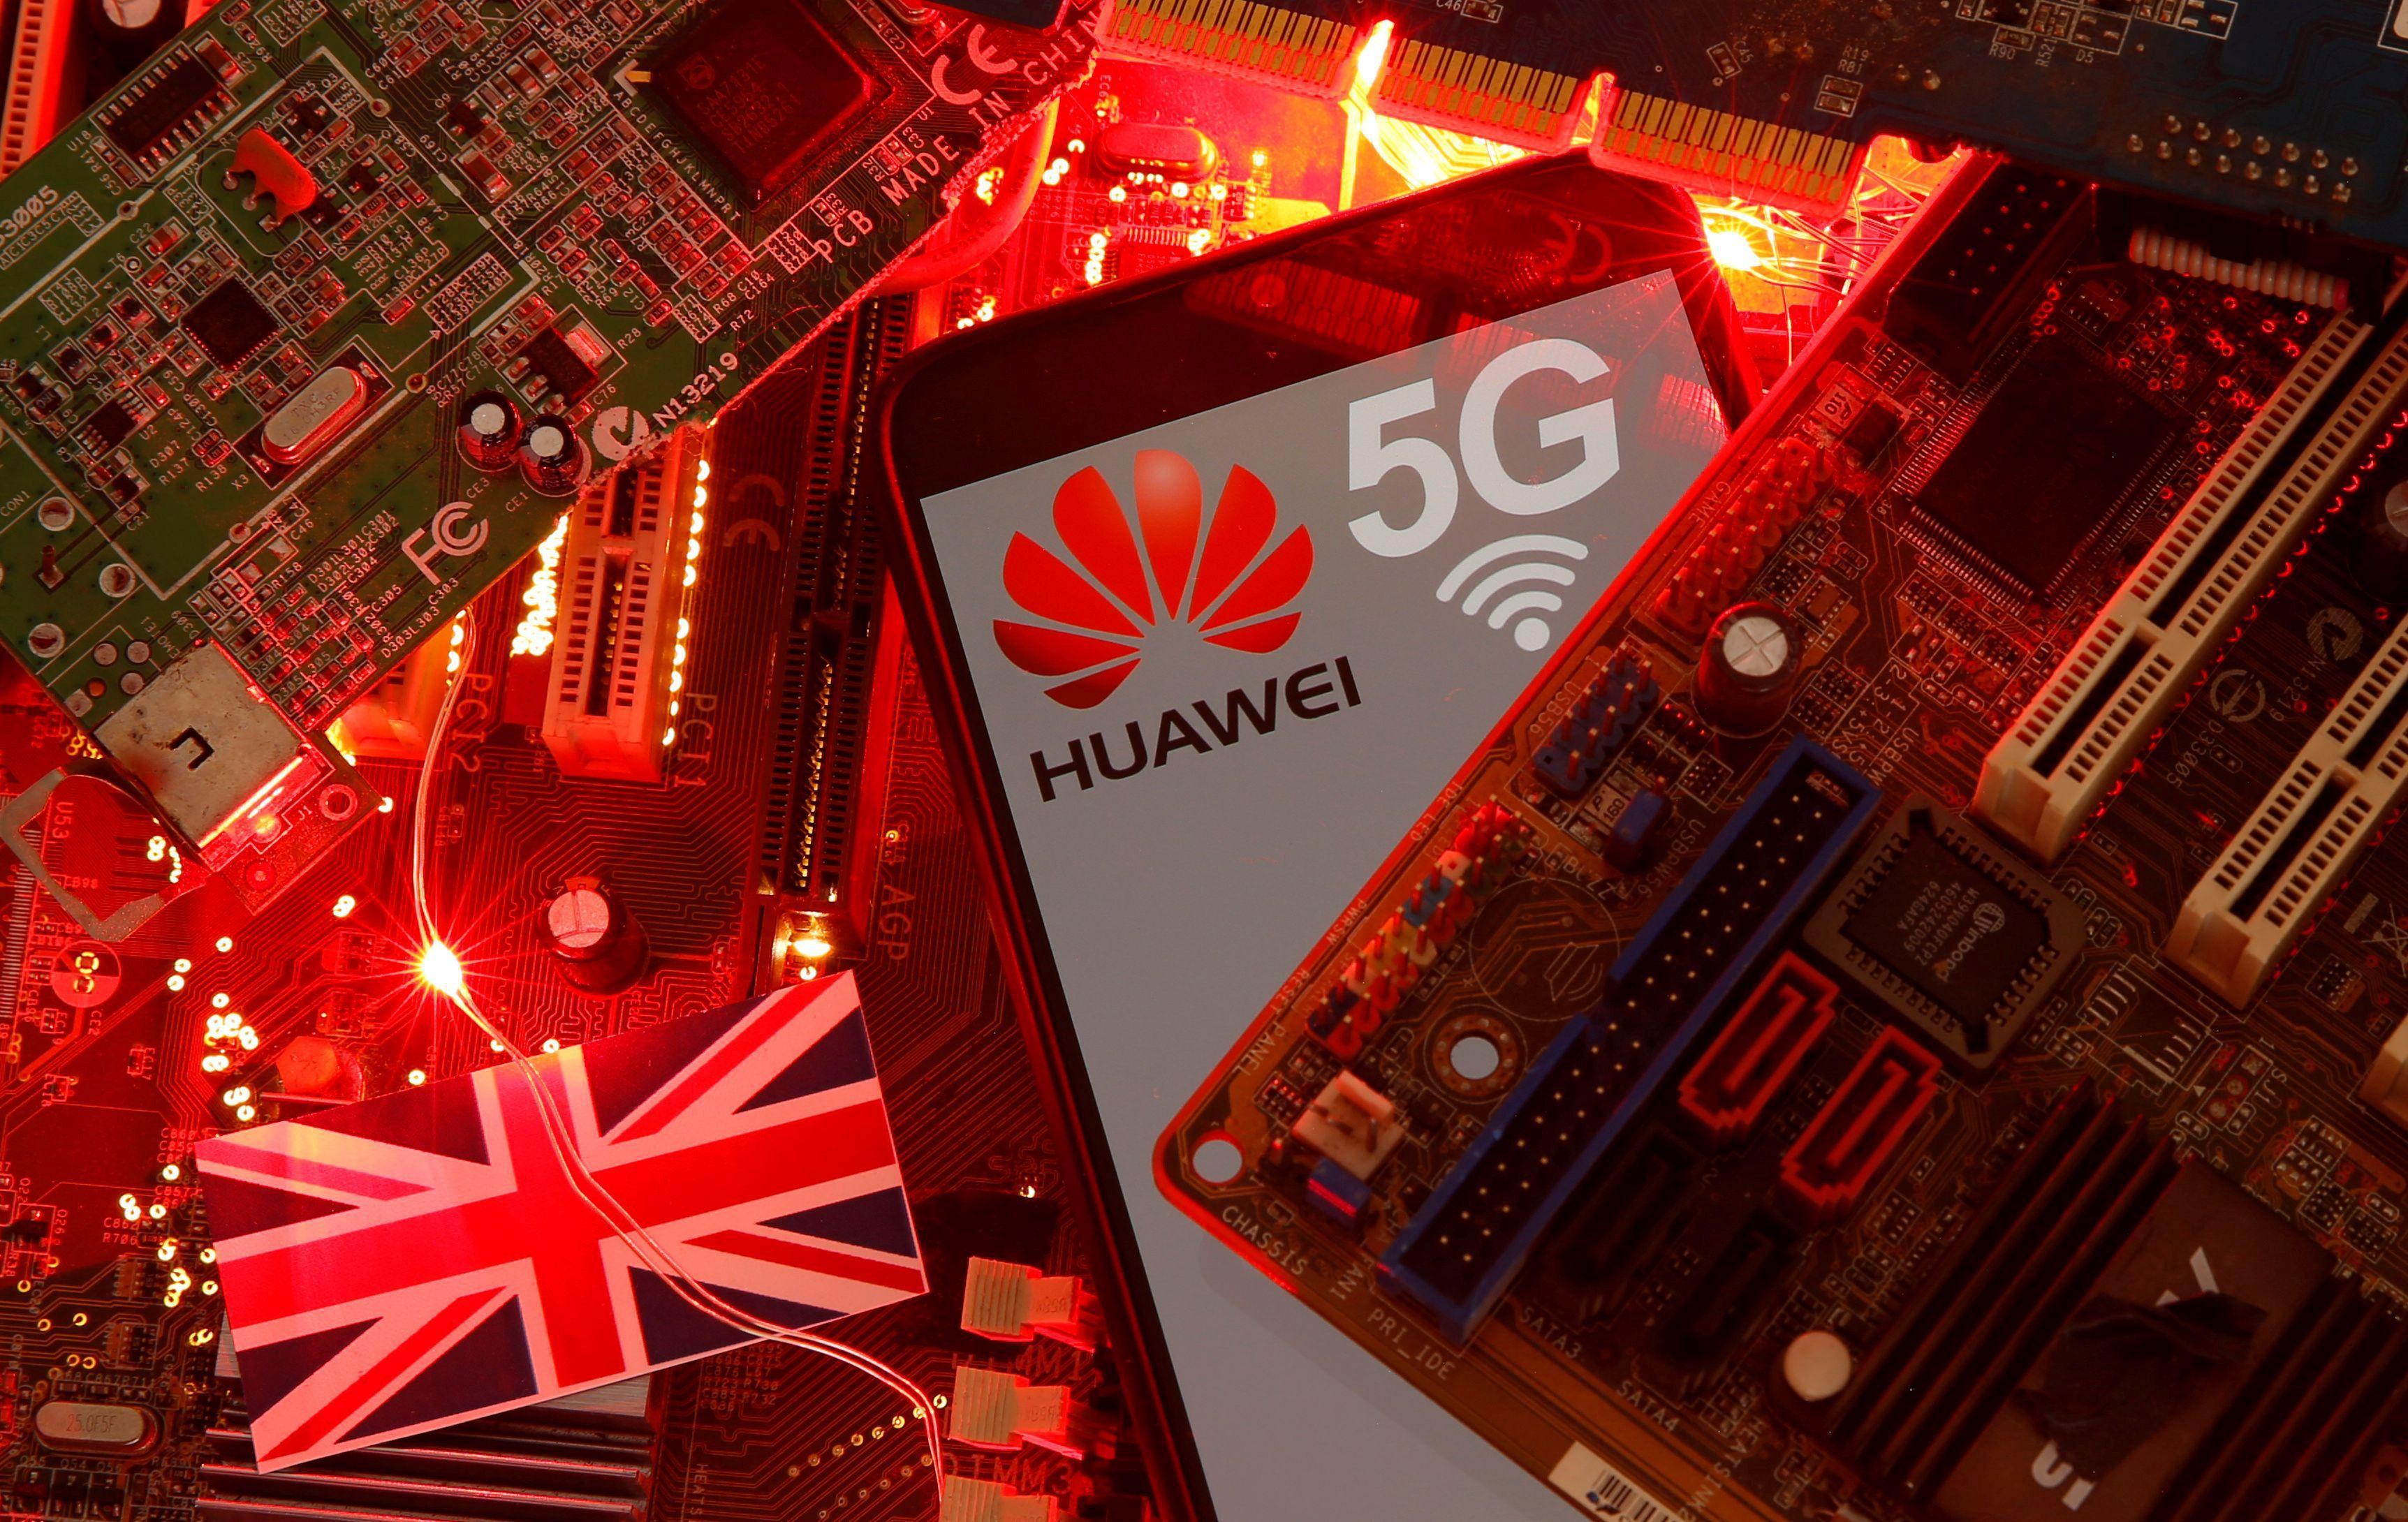 En enero el Reino Unido había limitado a 35% la participación de Huawei en sus redes de 5G, pero ahora busca su salida total (REUTERS/Dado Ruvic)